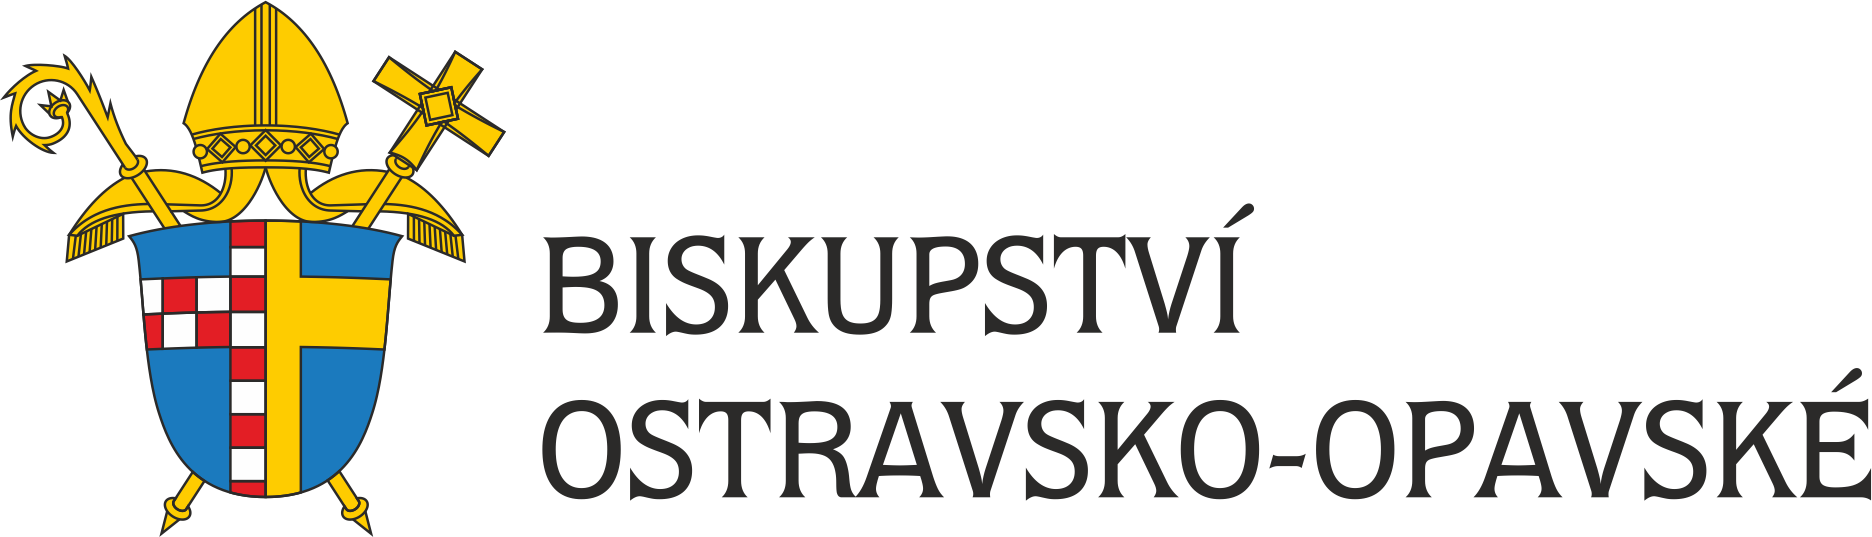 Biskupství_logo